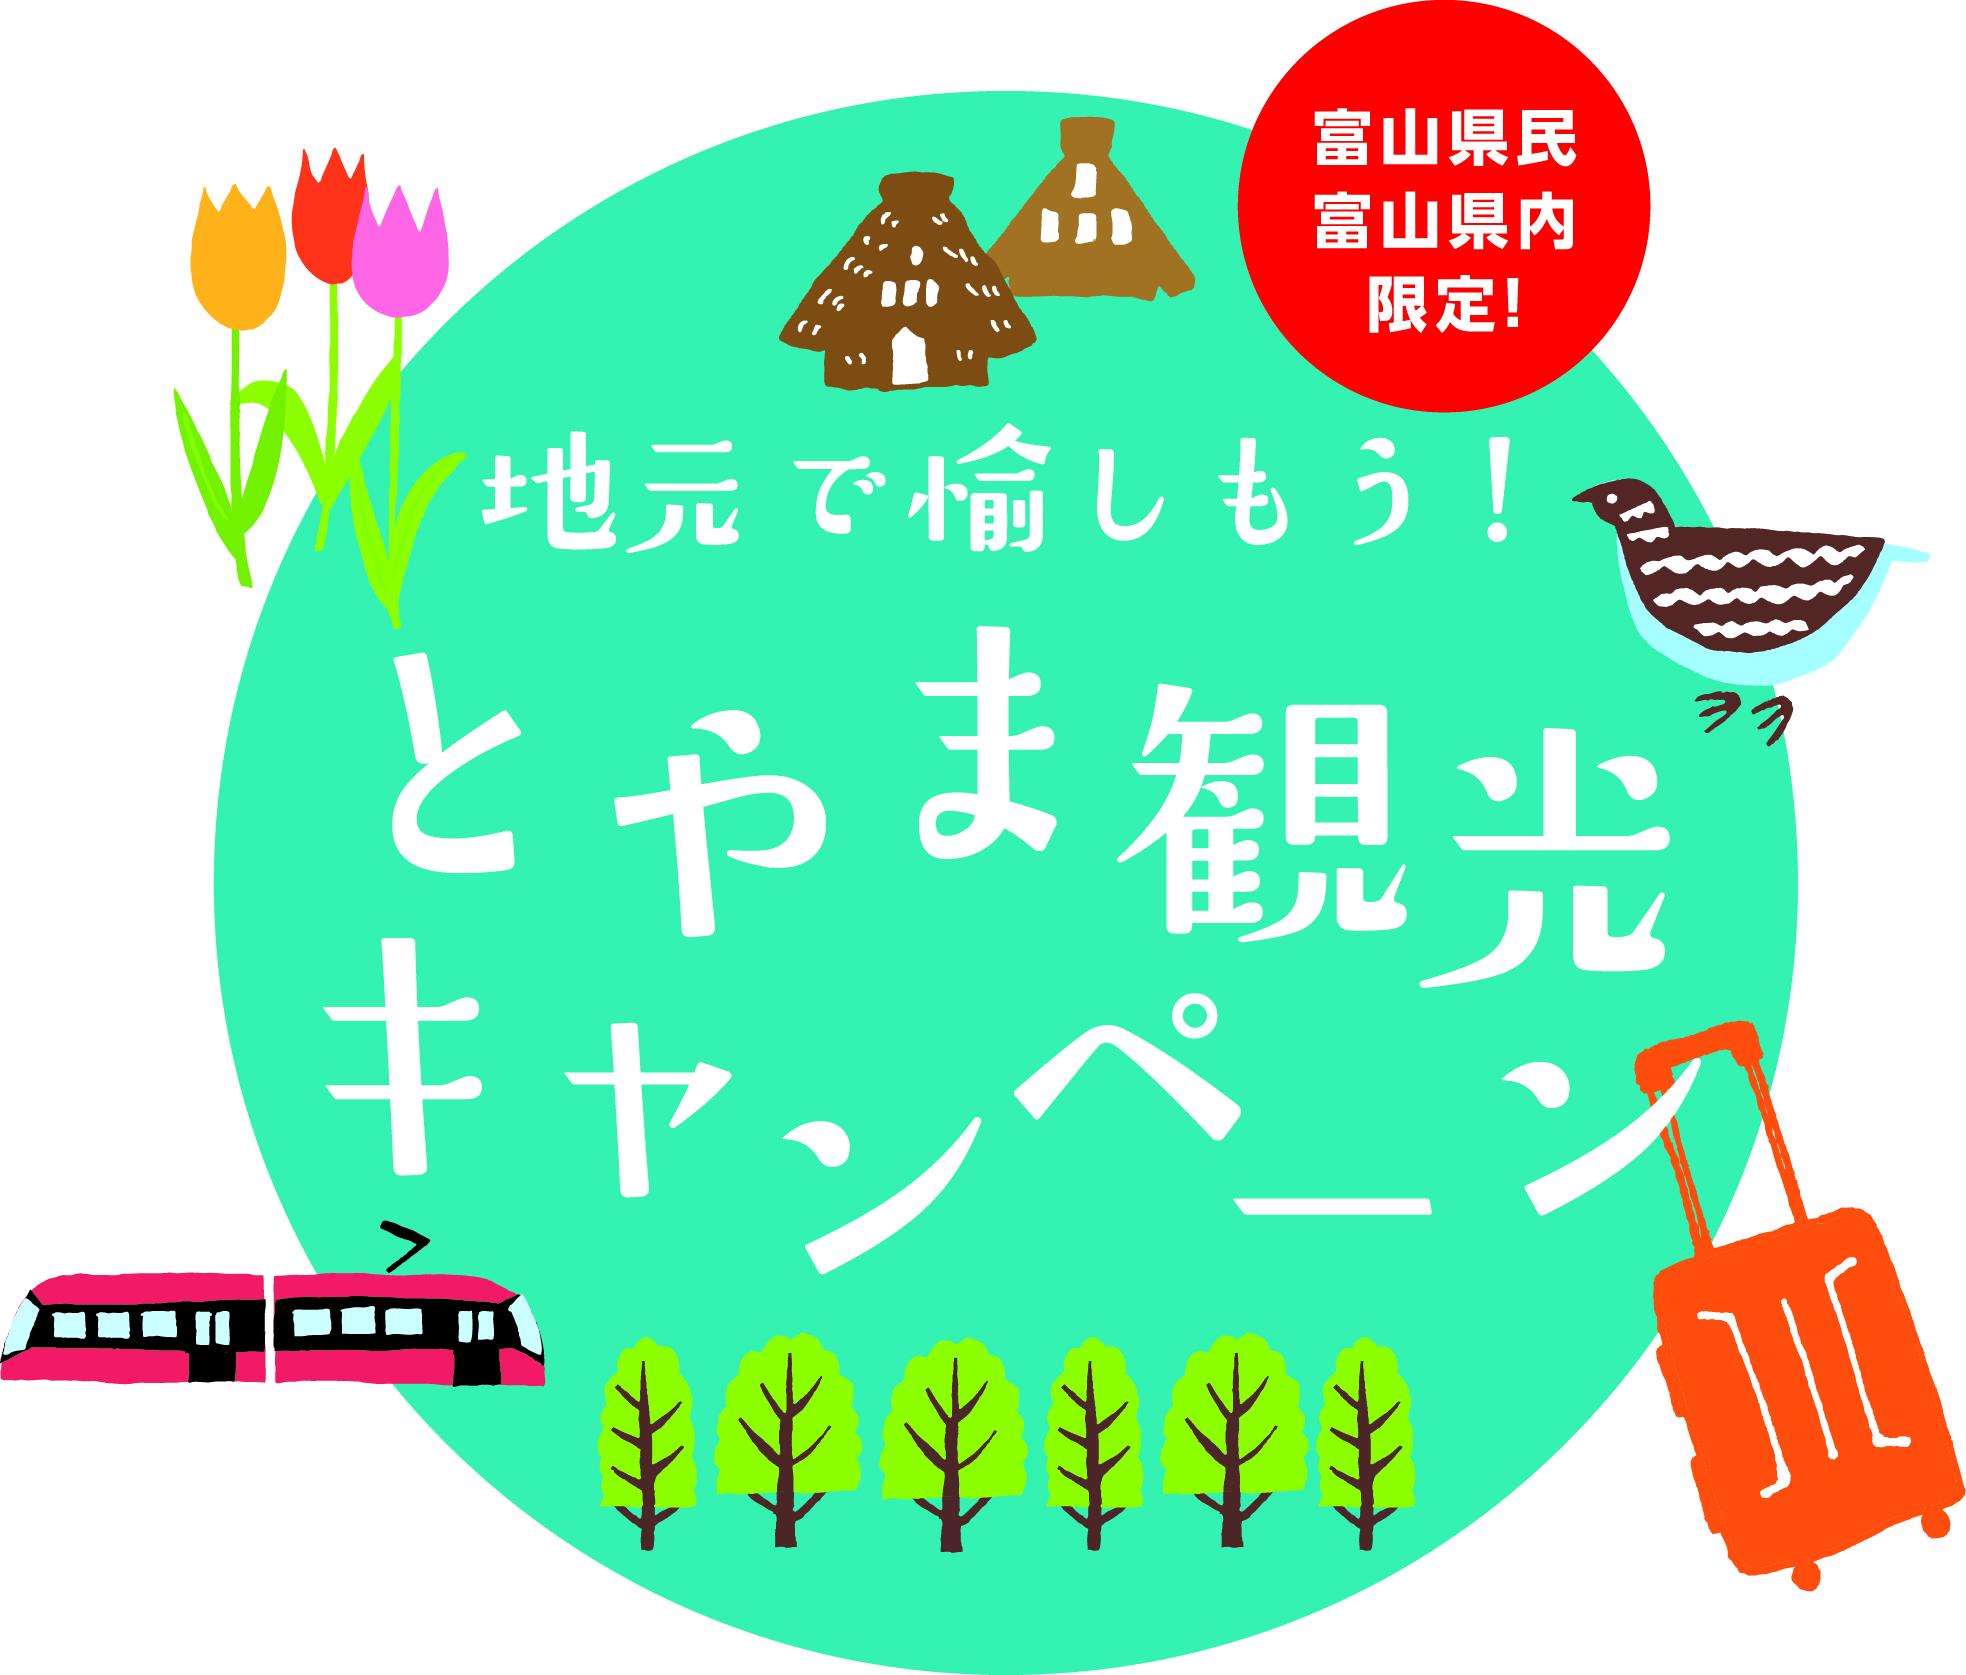 【期間延長!!】地元で愉しもう!とやま観光キャンペーンのご案内